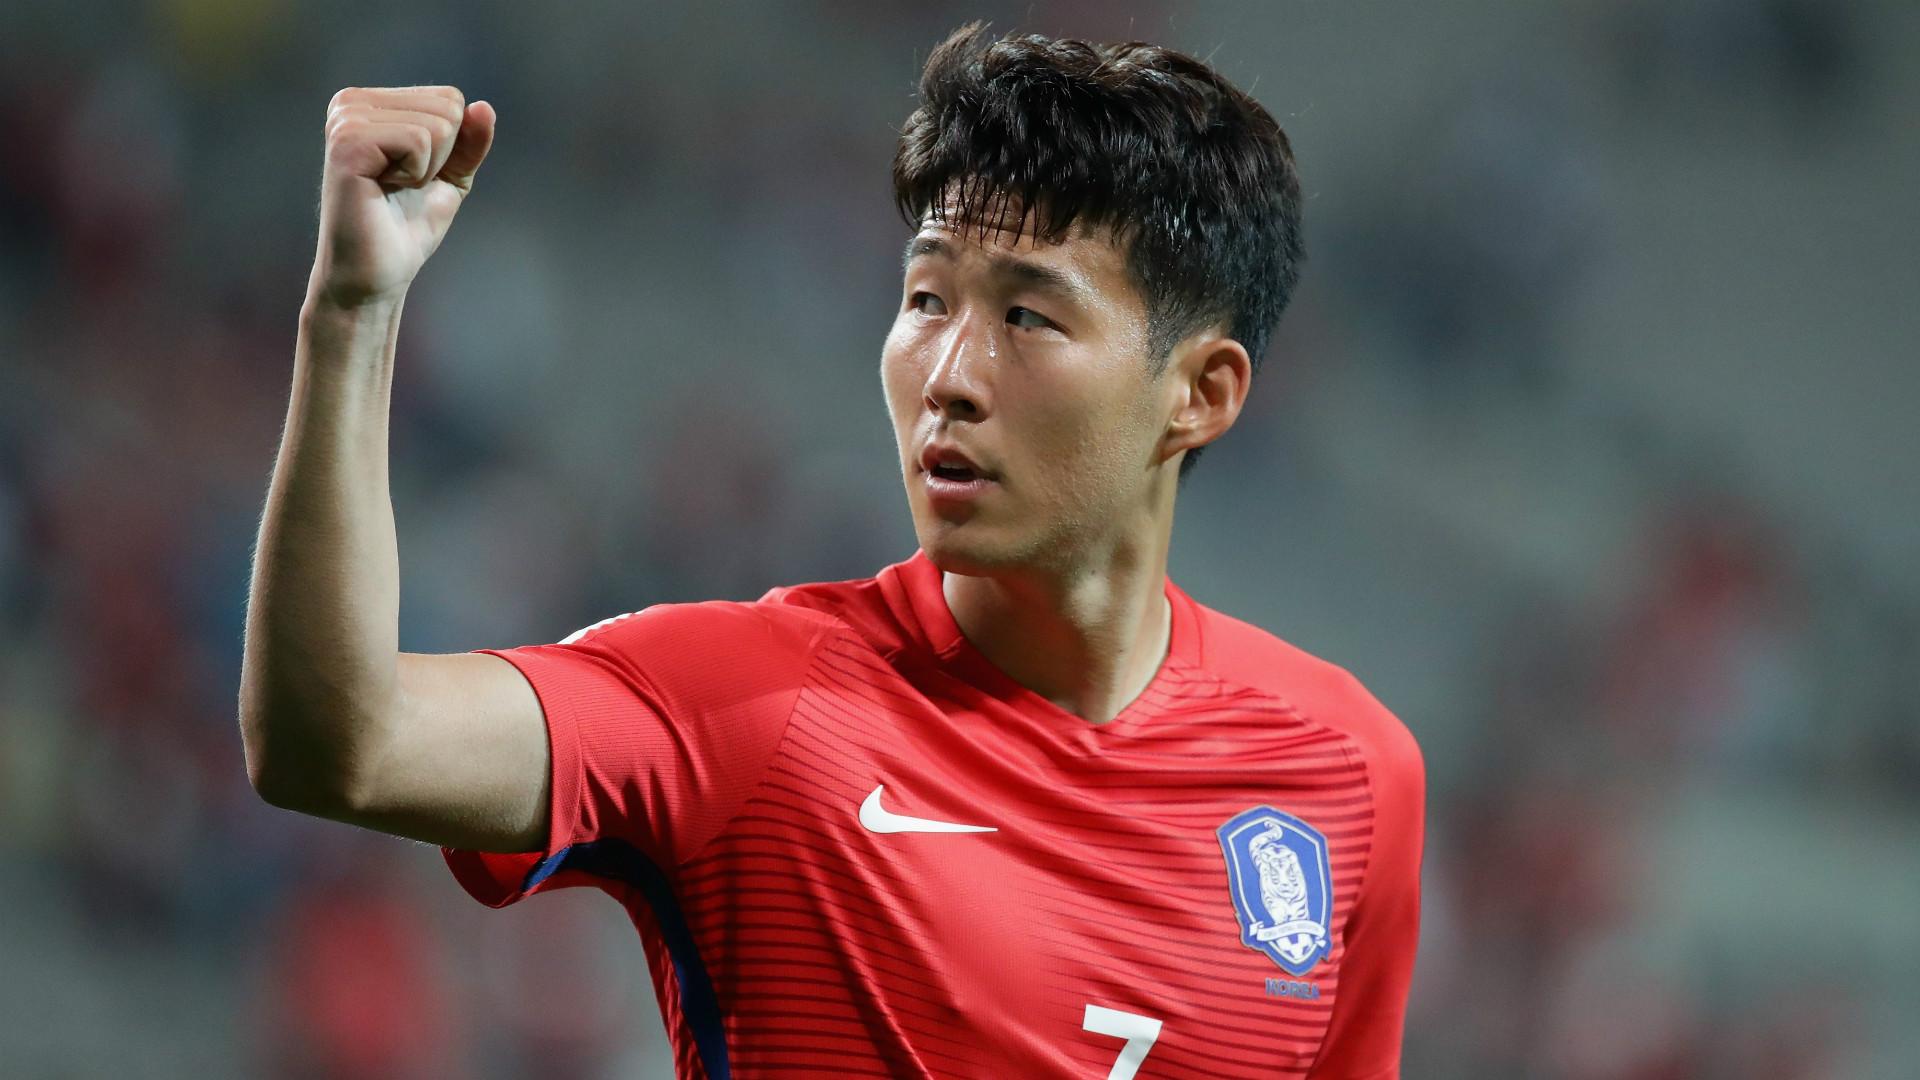 La Corée du Sud ne veut pas faire de figuration